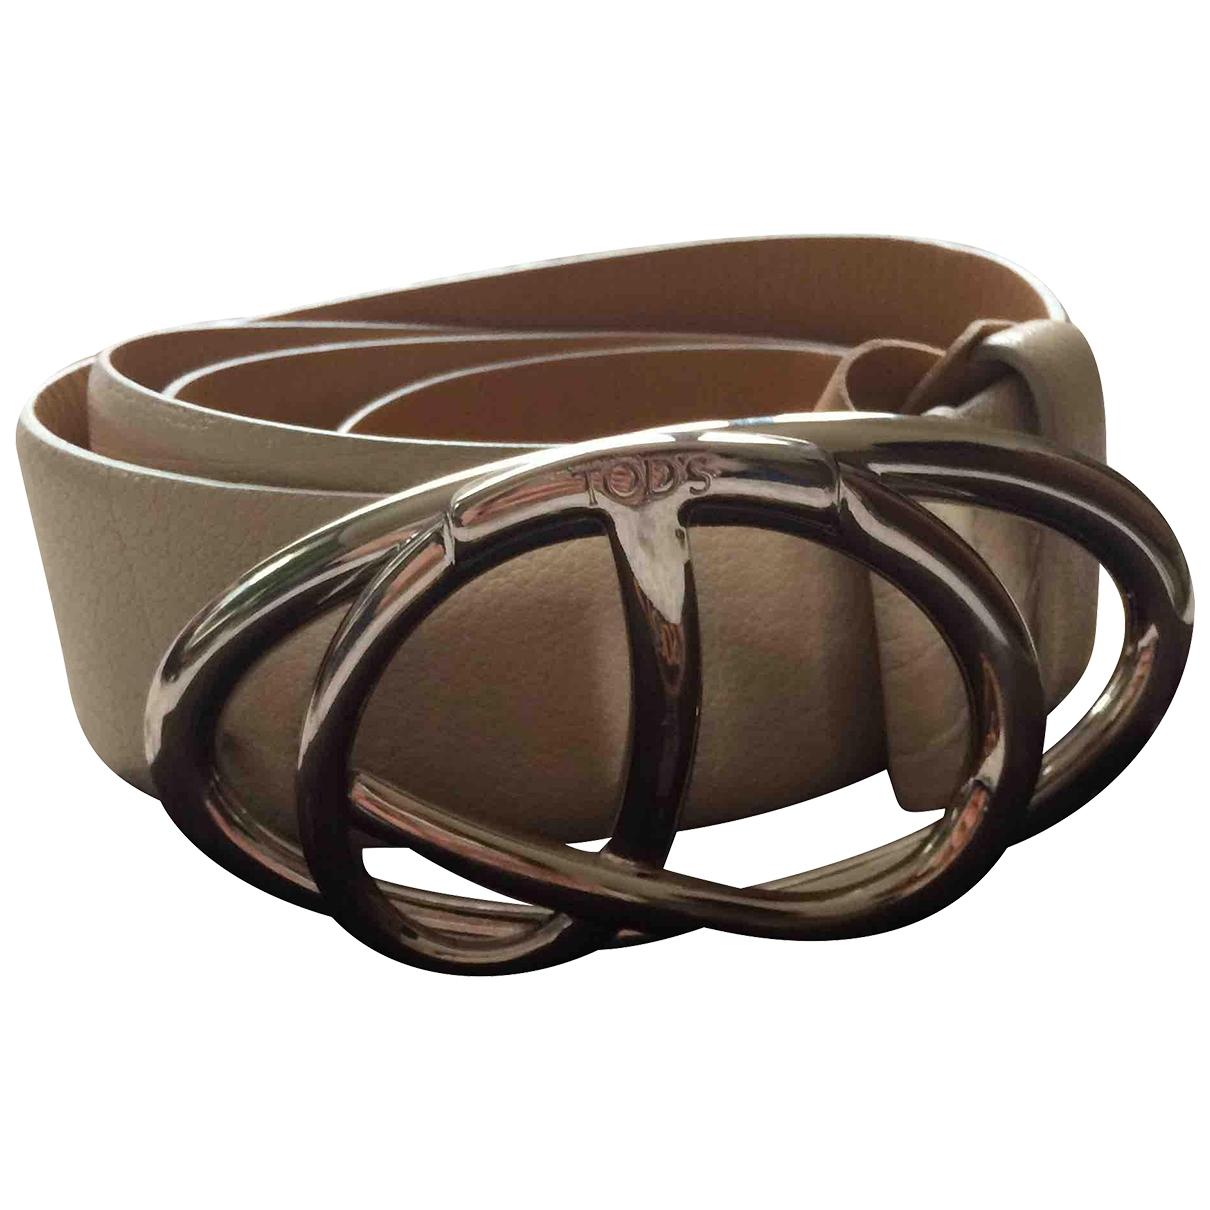 Tod's \N White Leather belt for Women M International